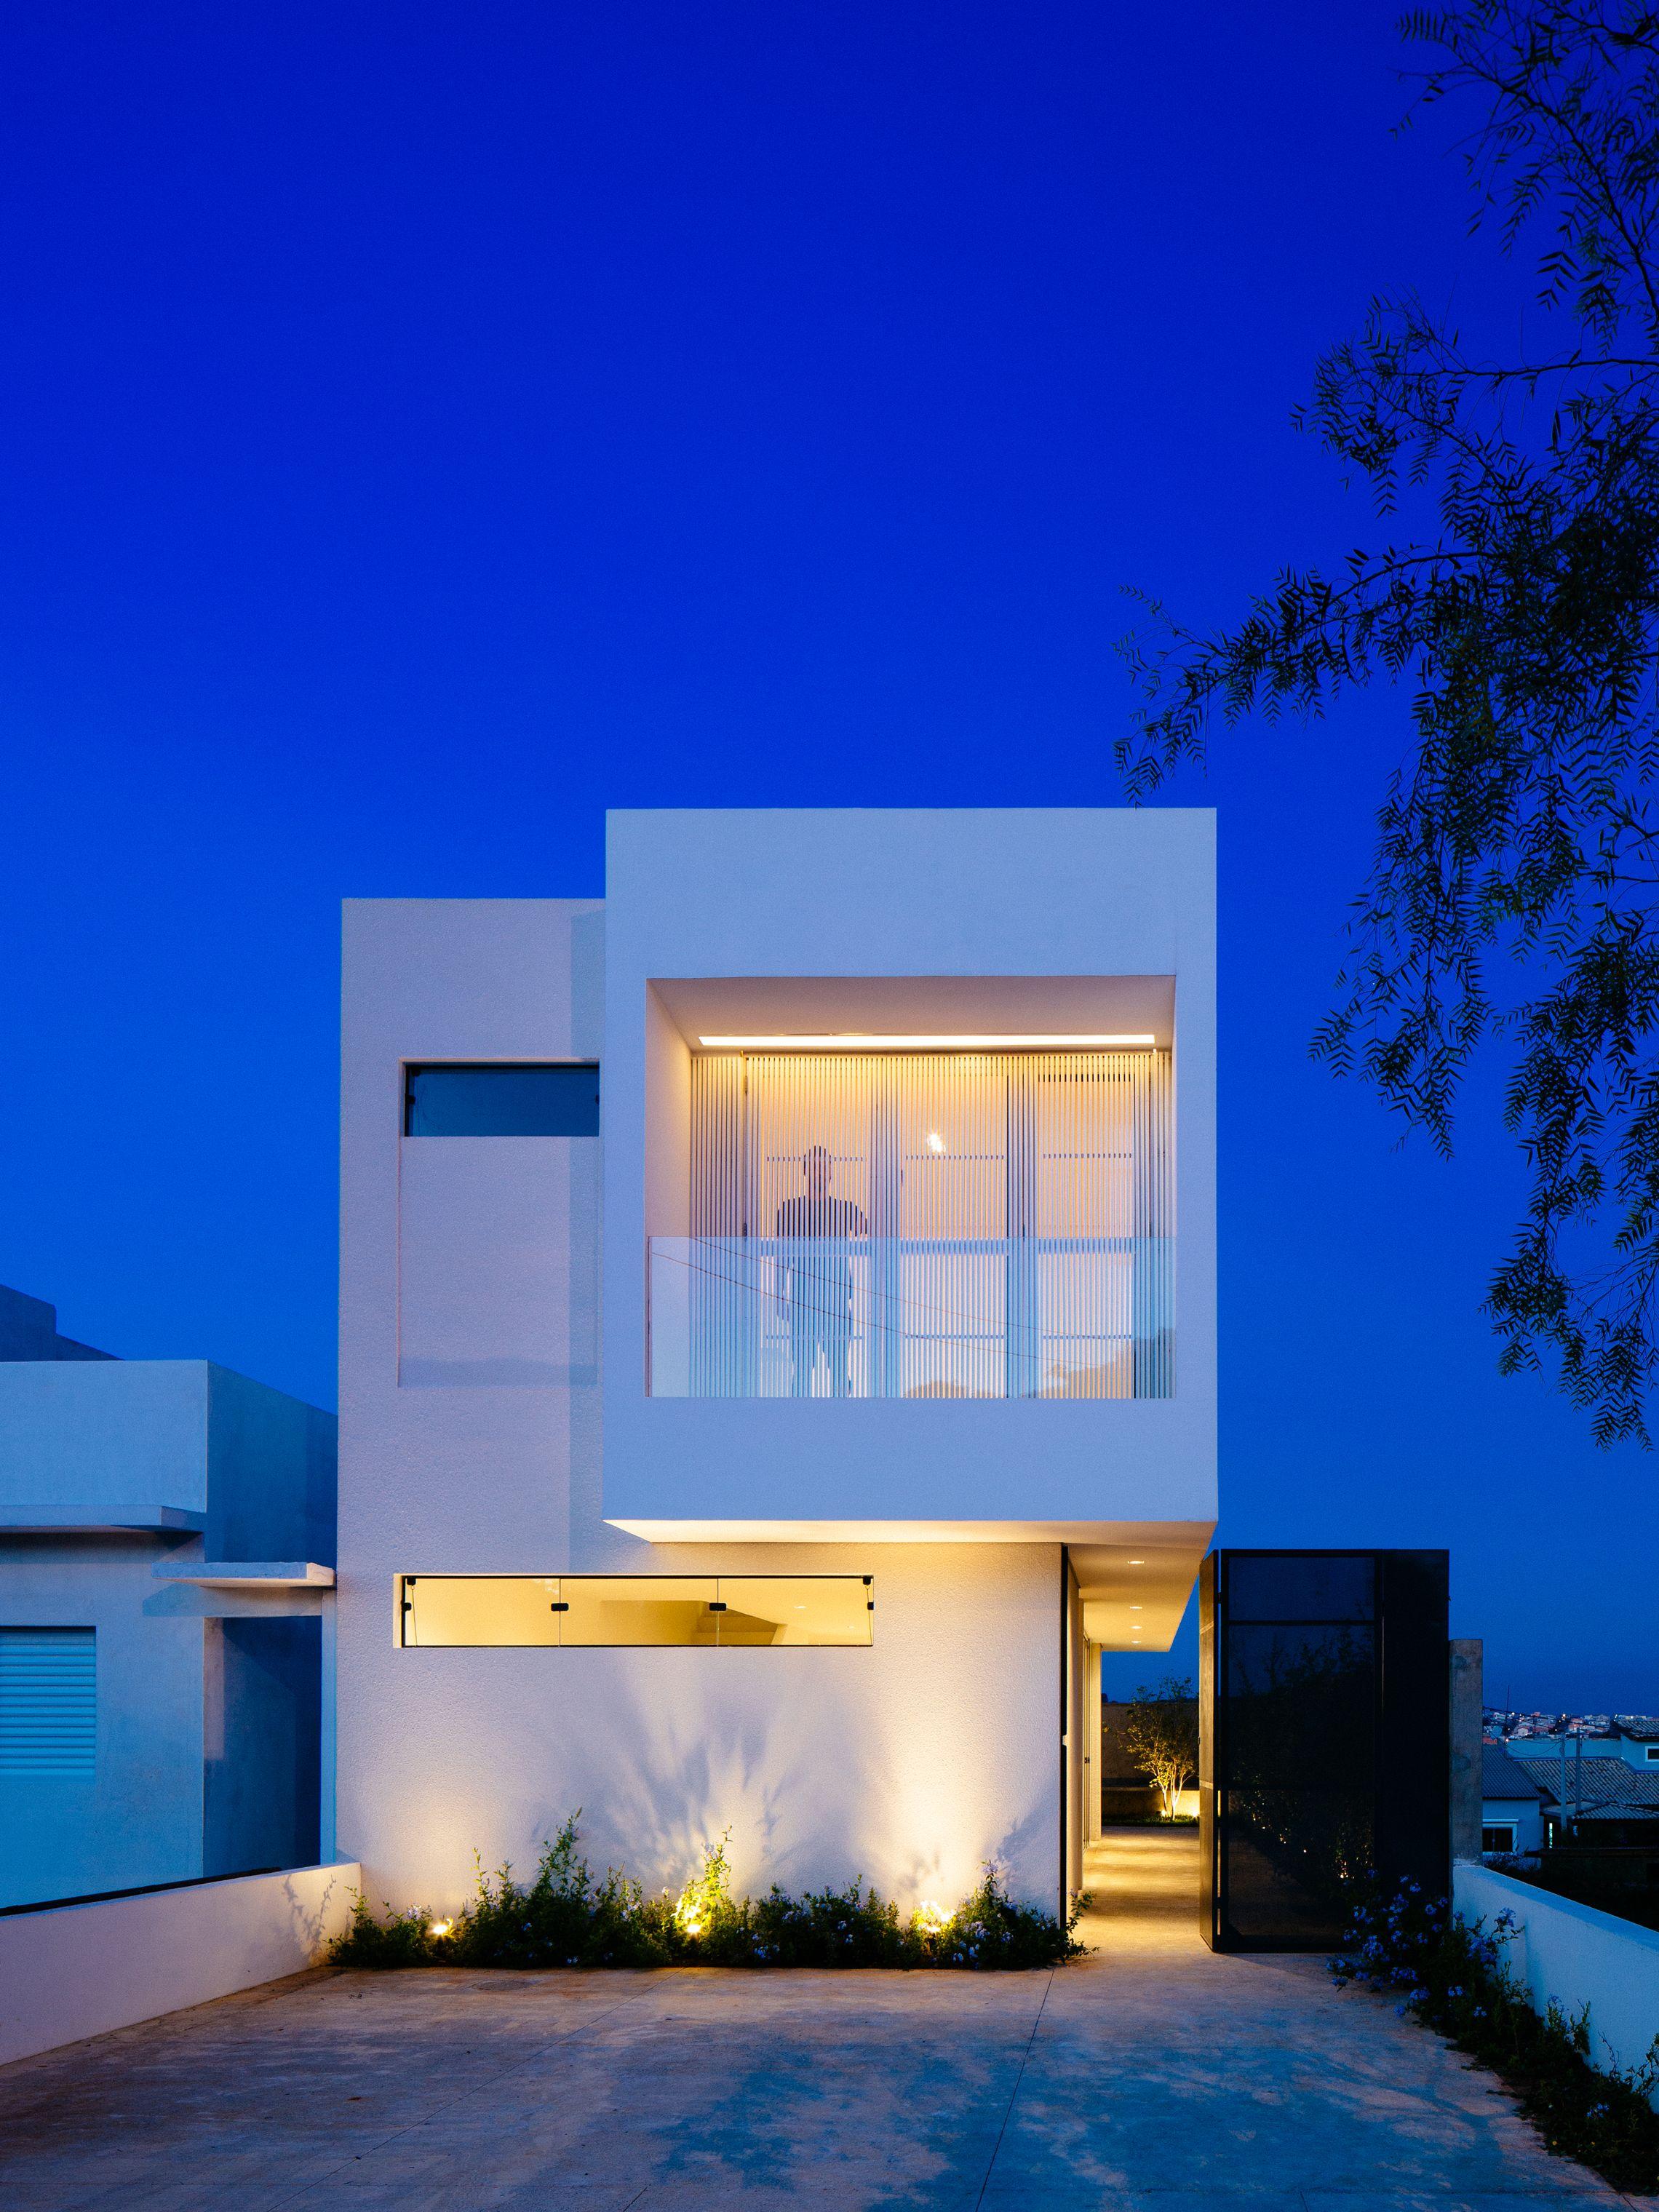 Sencilla casa de dos pisos construida en terreno peque o for Diseno de interiores